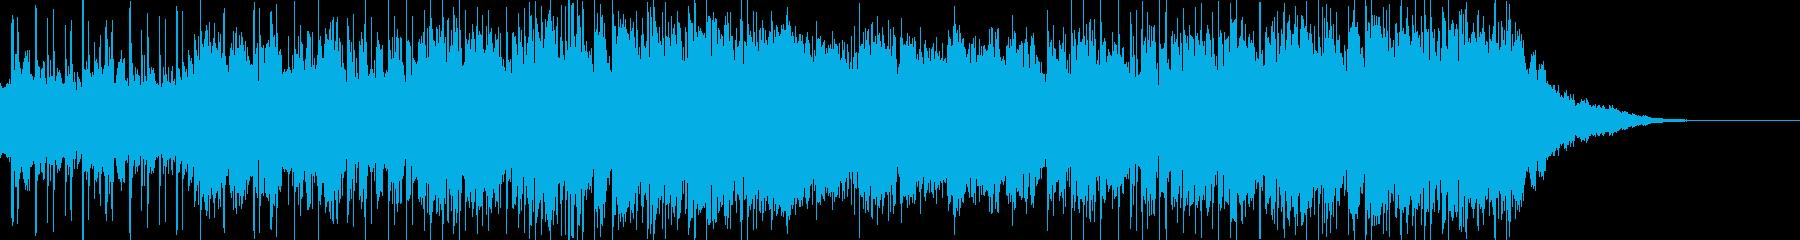 しっとりとしたバラードの曲の再生済みの波形